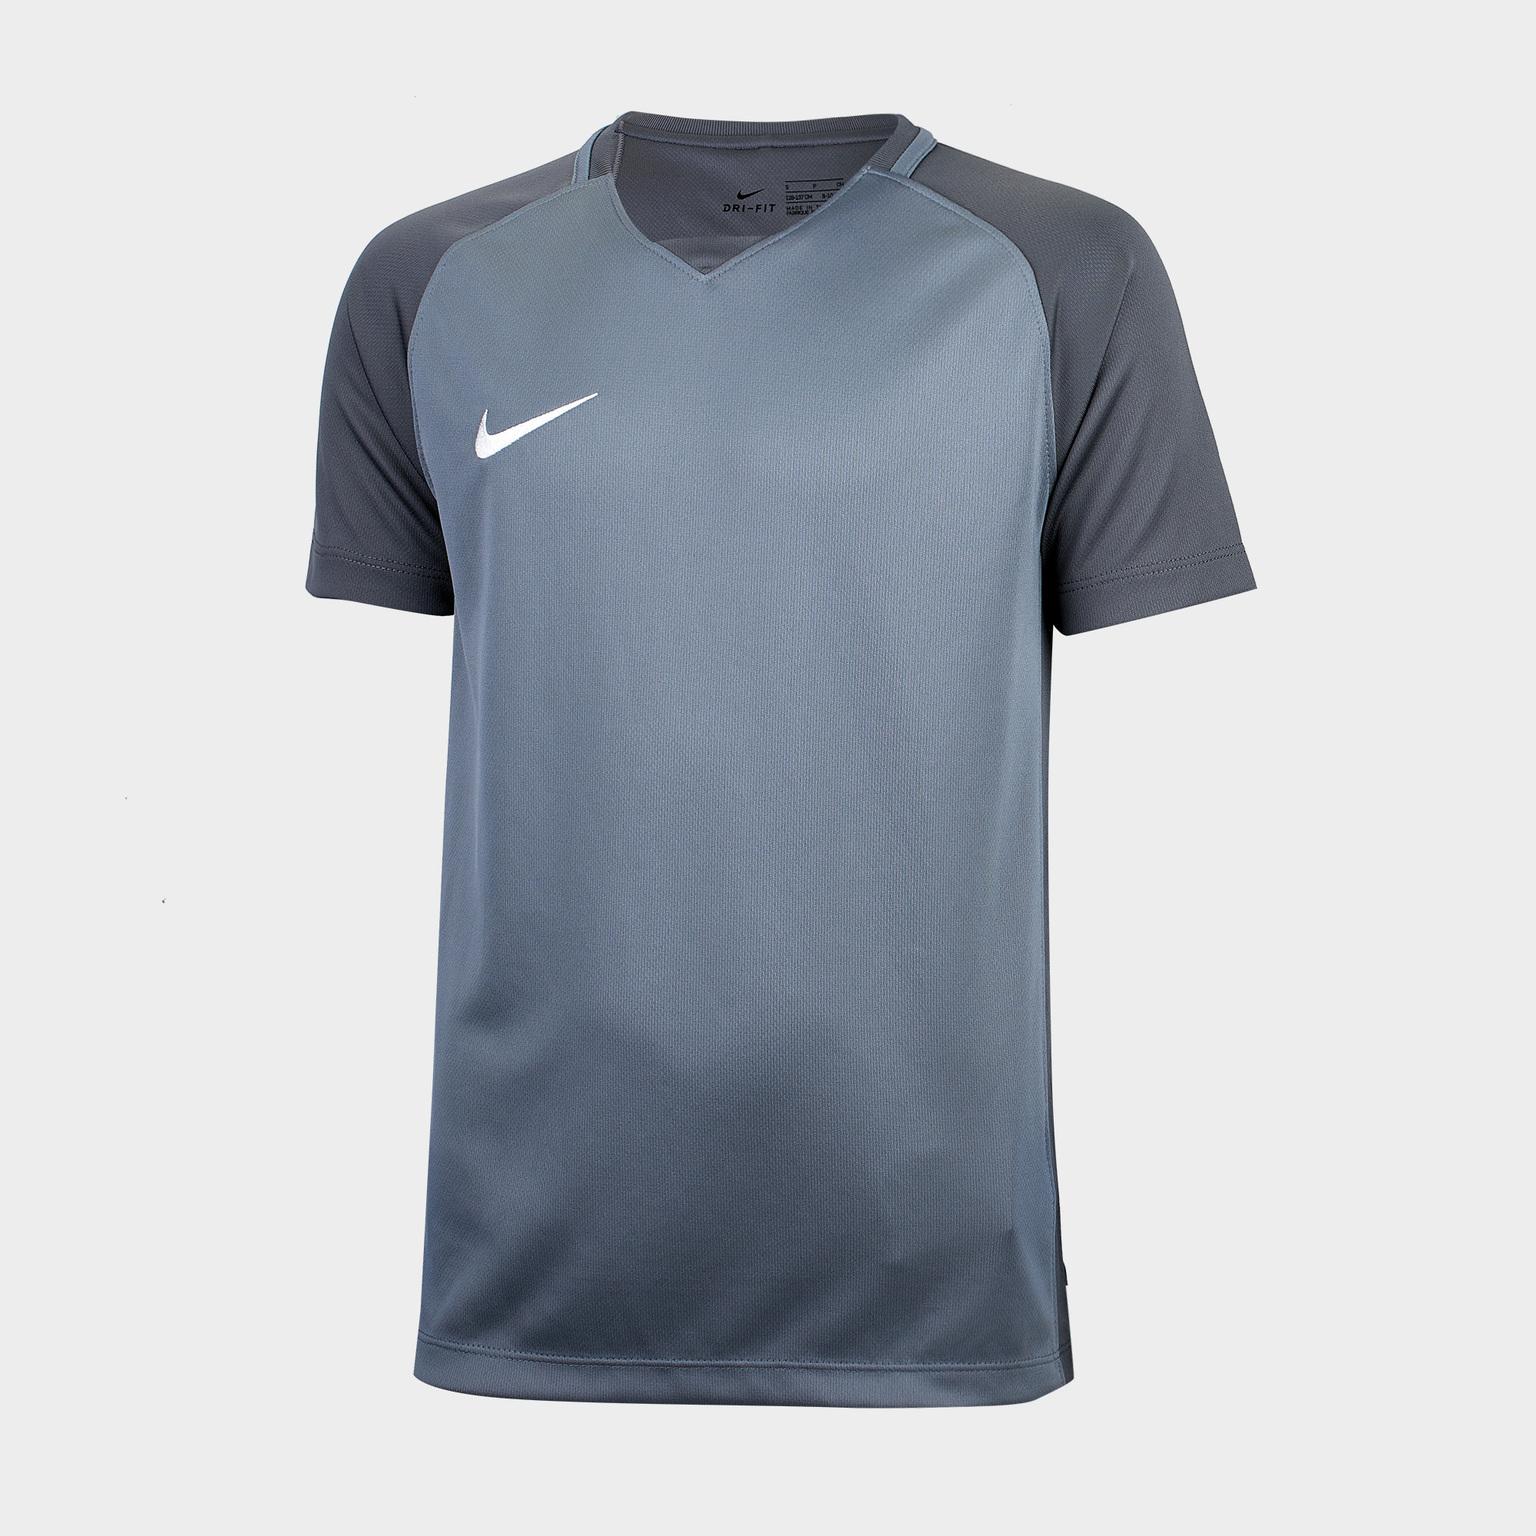 Футболка игровая Nike Boys Dry Trophy III JSY 881484-065 oris trophy iii ta 100 4